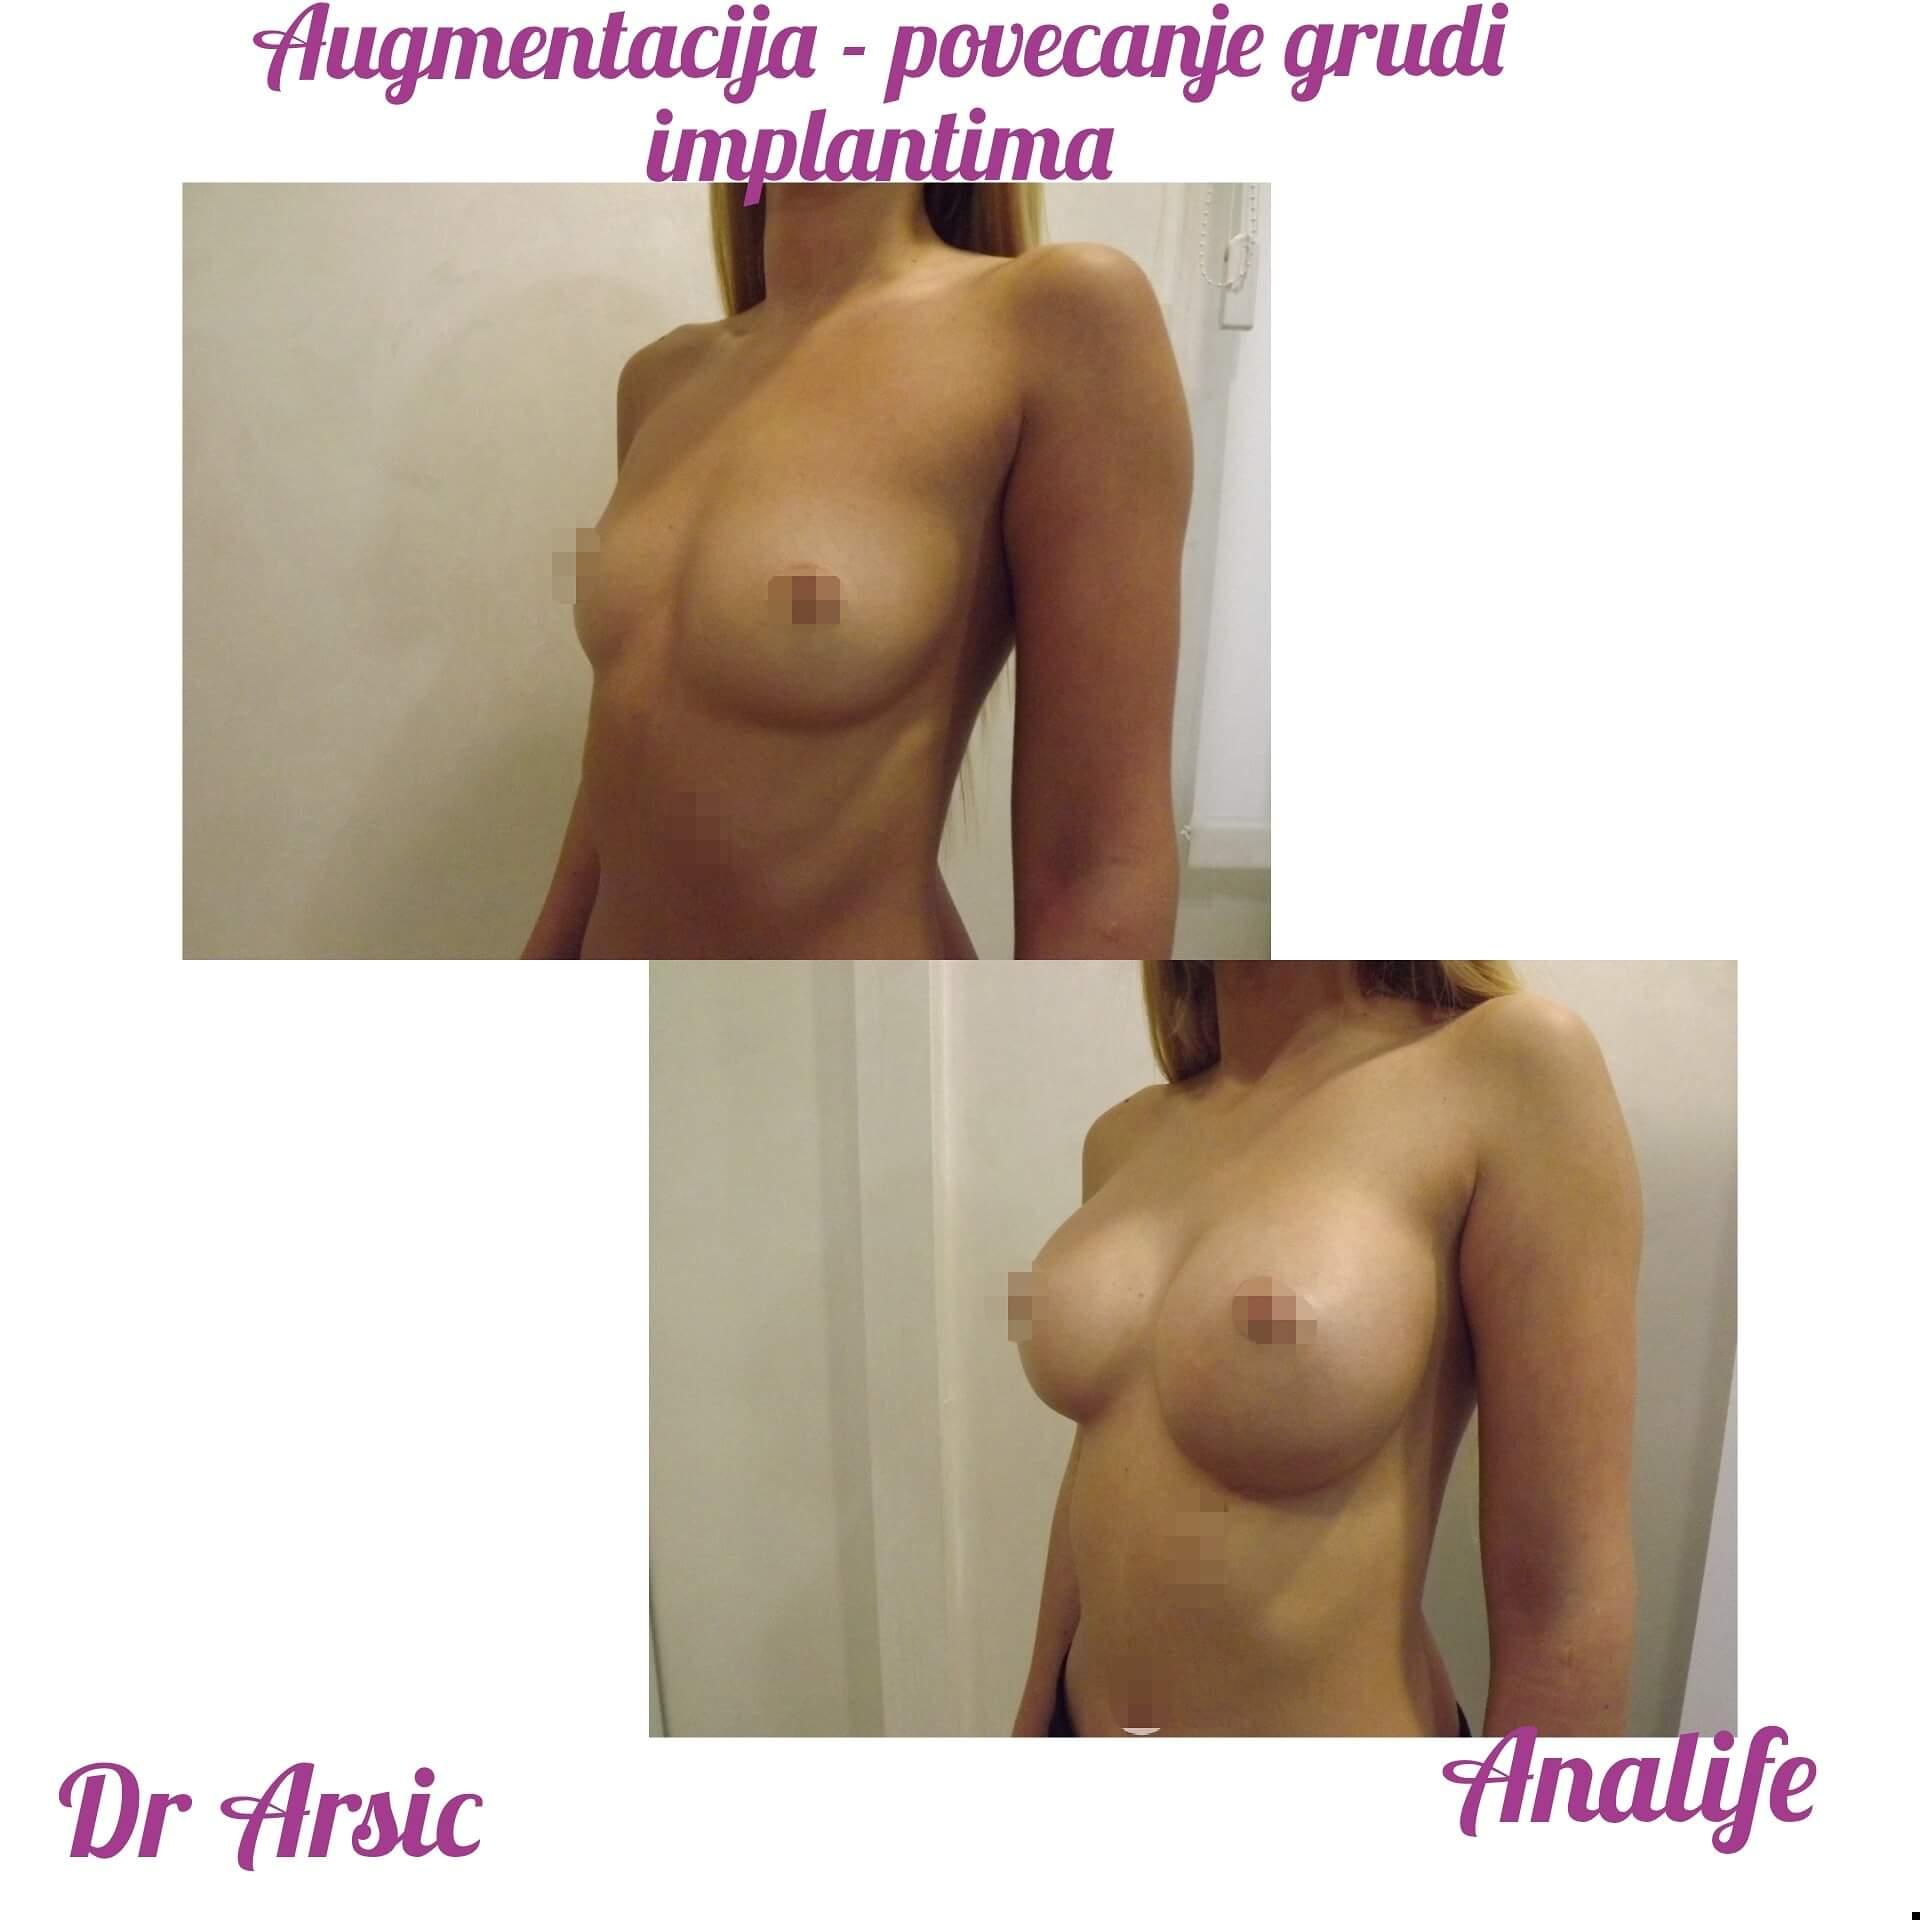 Augmentacija grudi